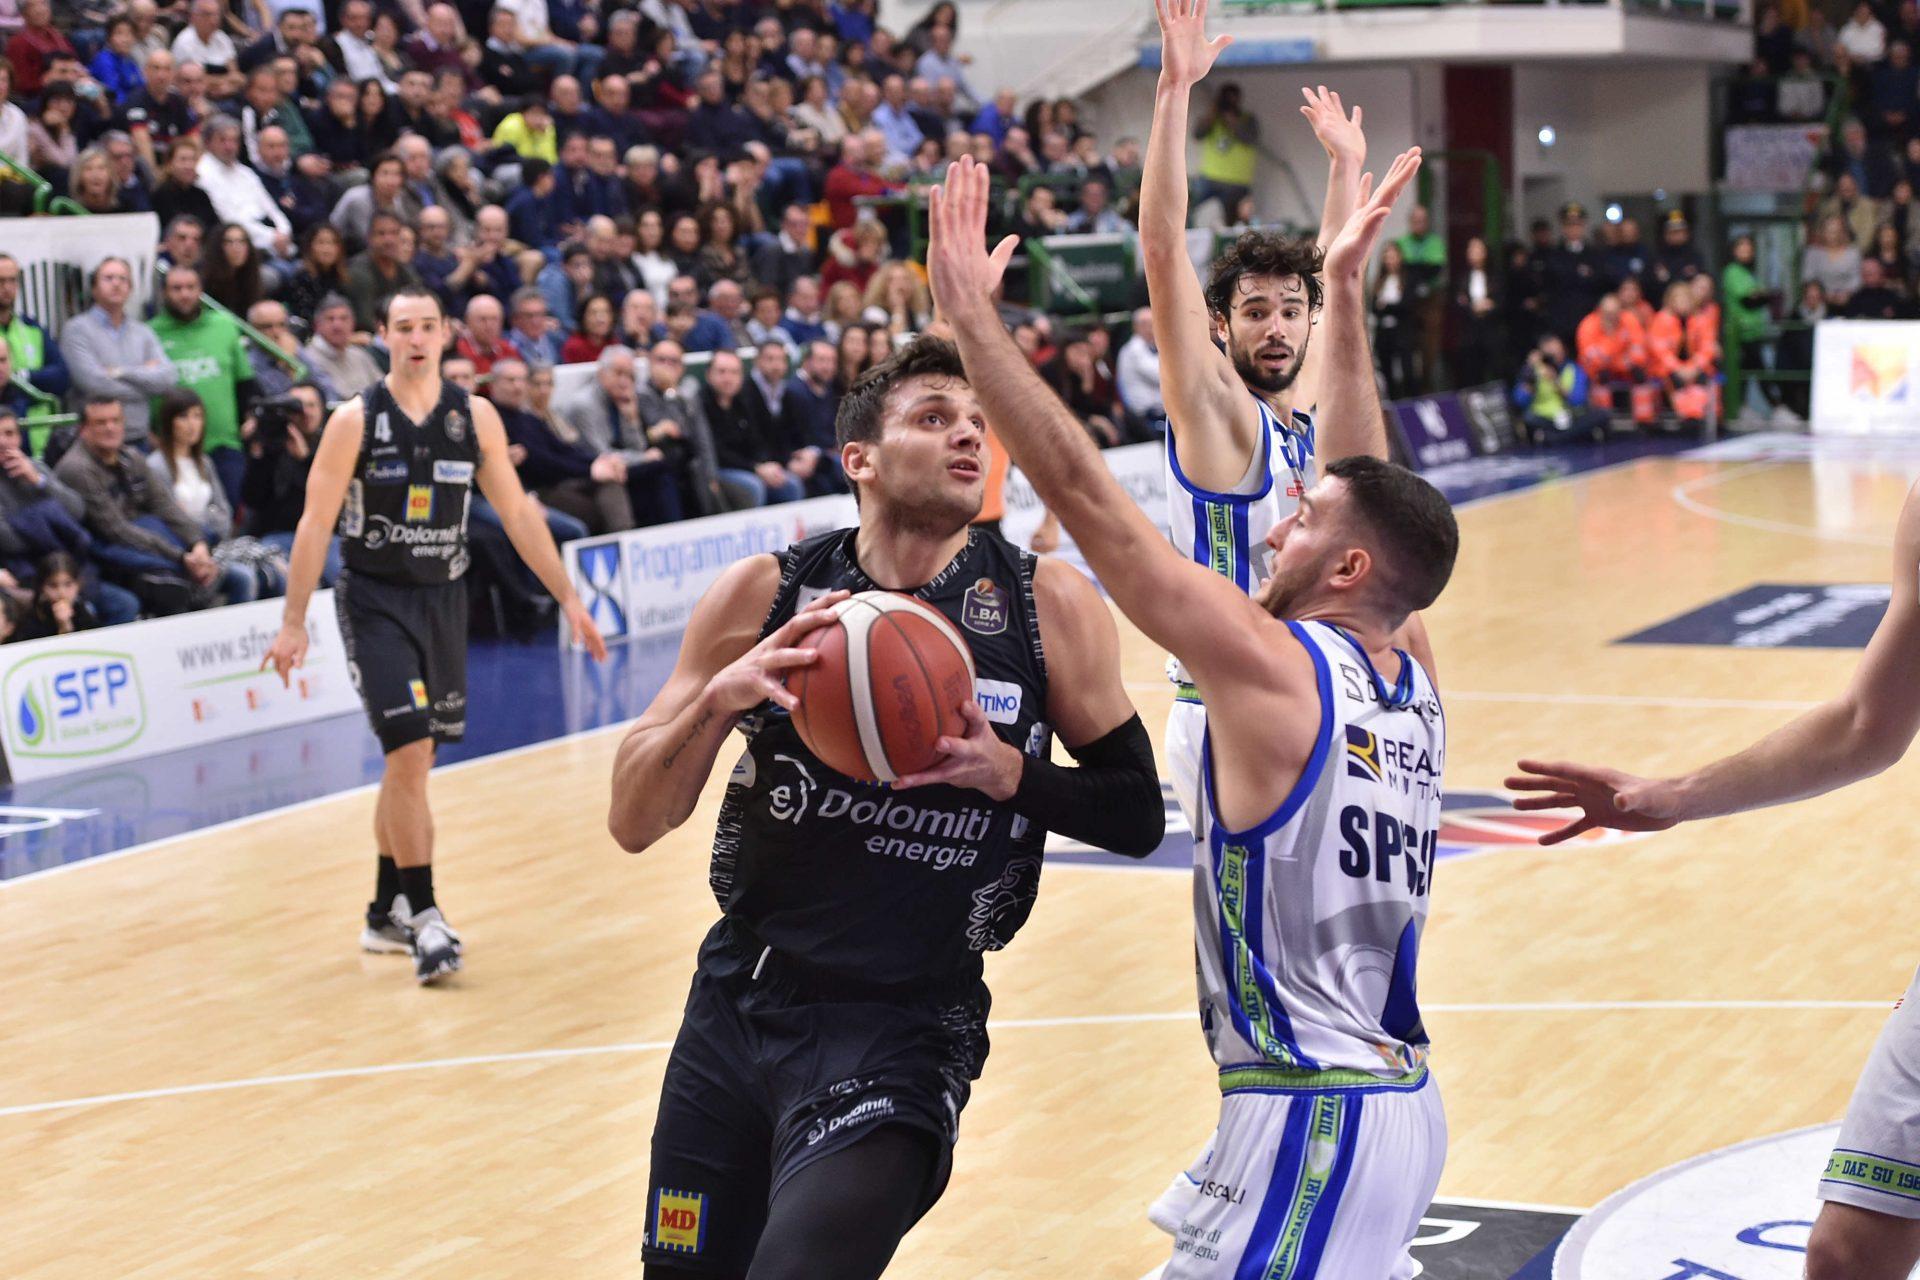 Sconfitta Gentile, contro Trento finisce 87-90